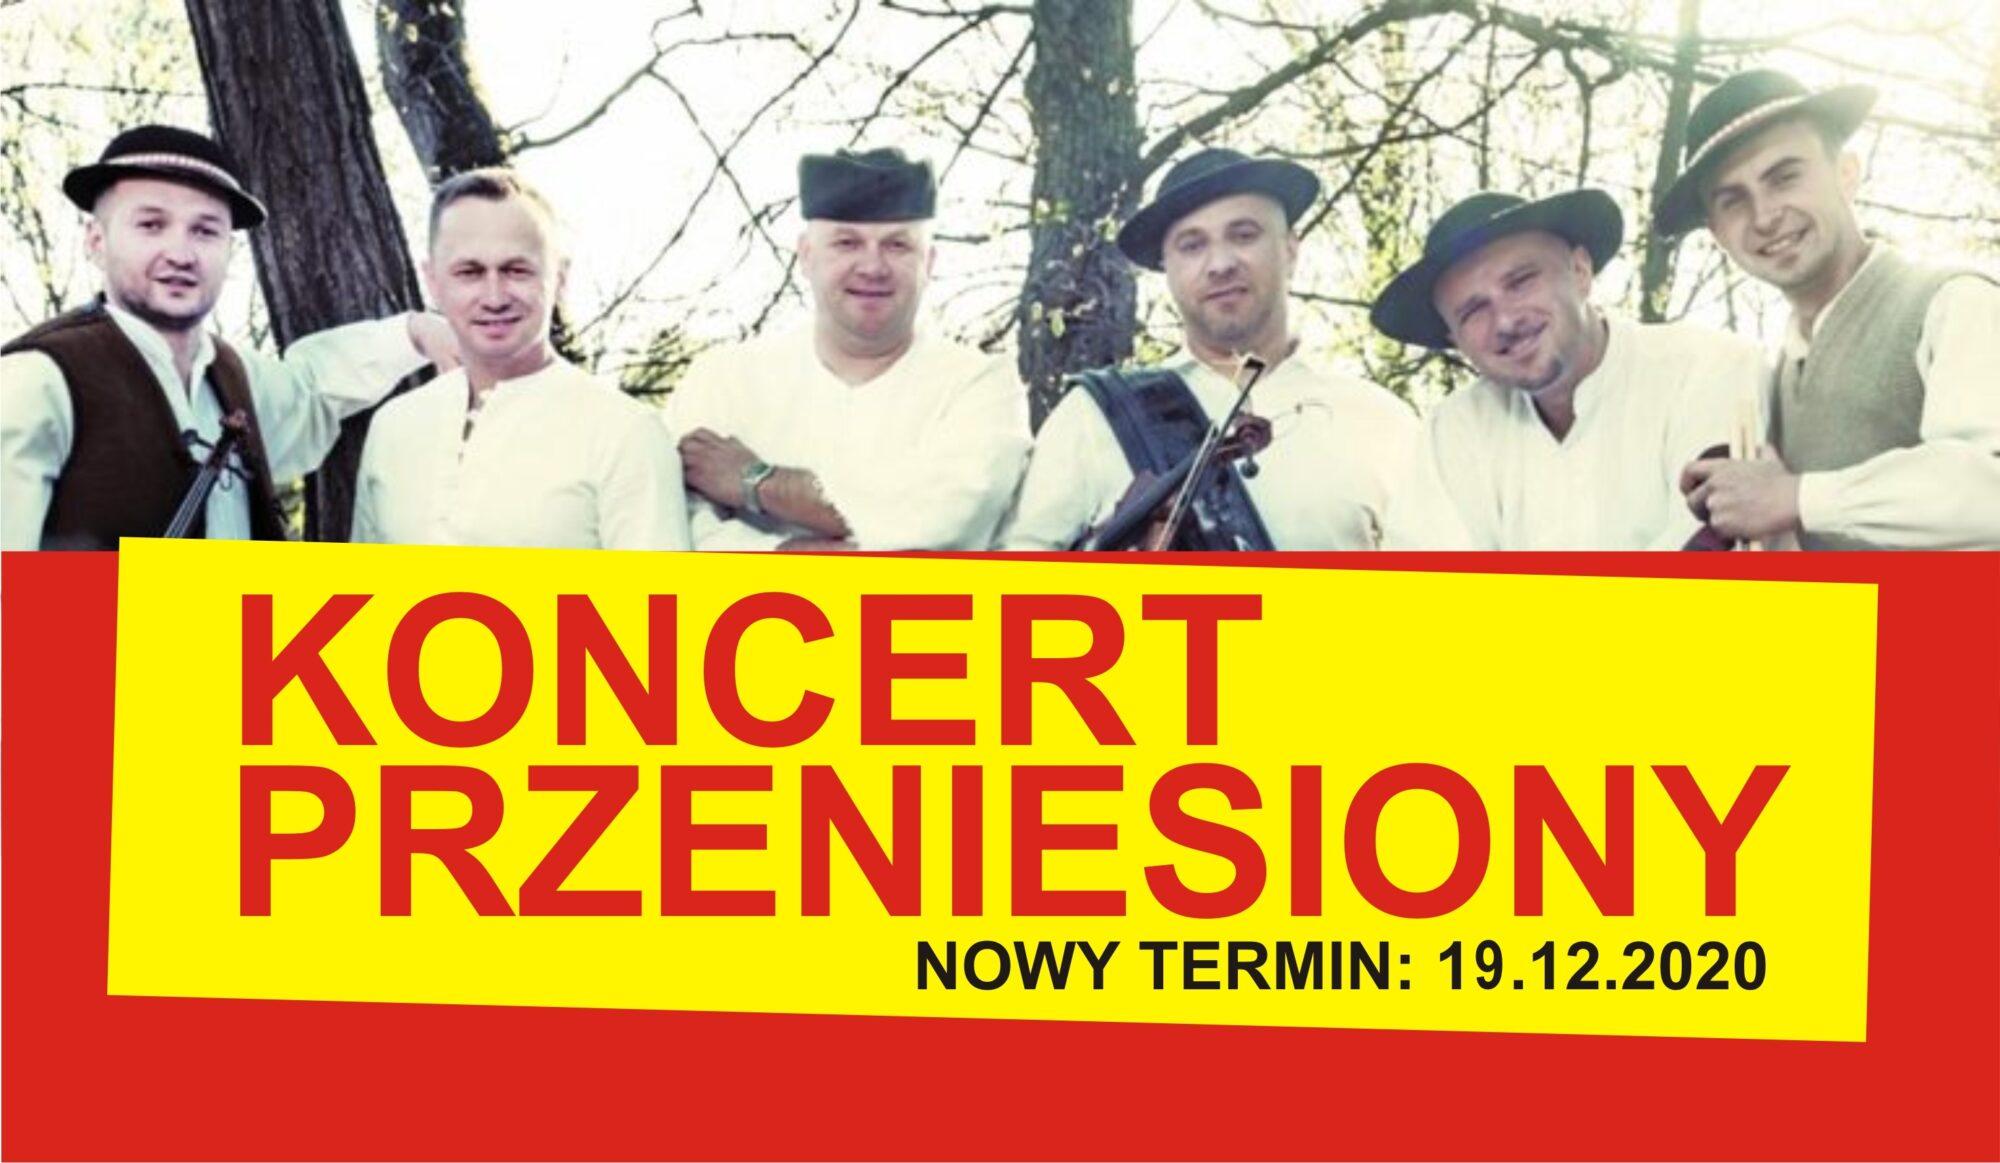 Zdjęcie przedstawia członków zespołu Baciary oraz informację o przeniesieniu koncertu